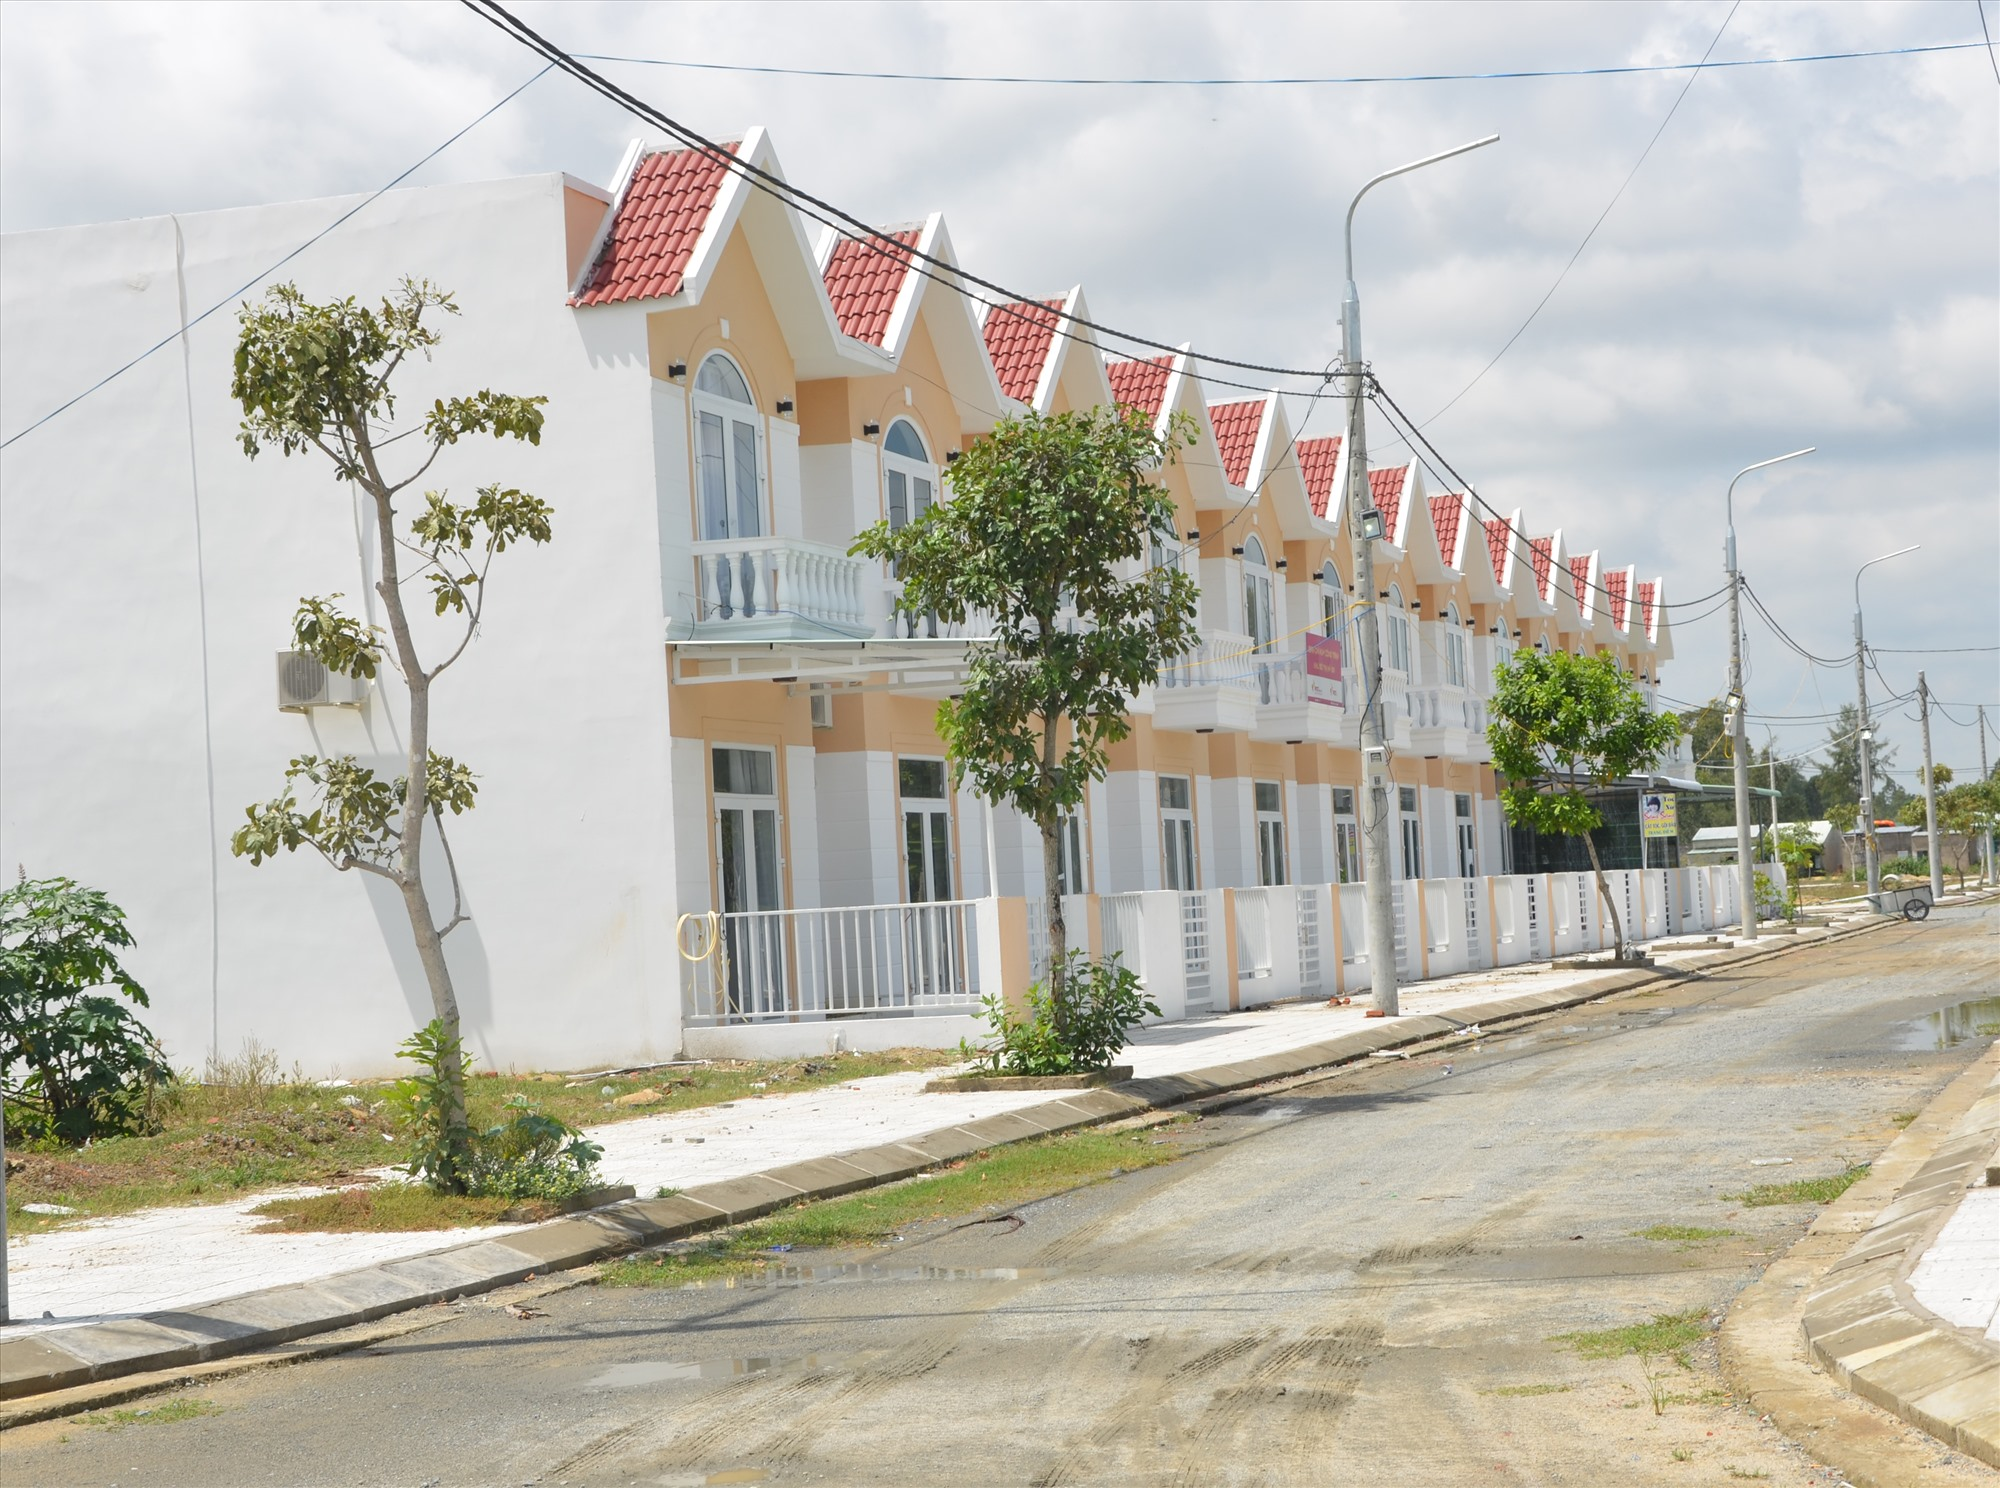 Chính quyền tỉnh đang siết chặt quản lý các dự án nhà ở thương mại.